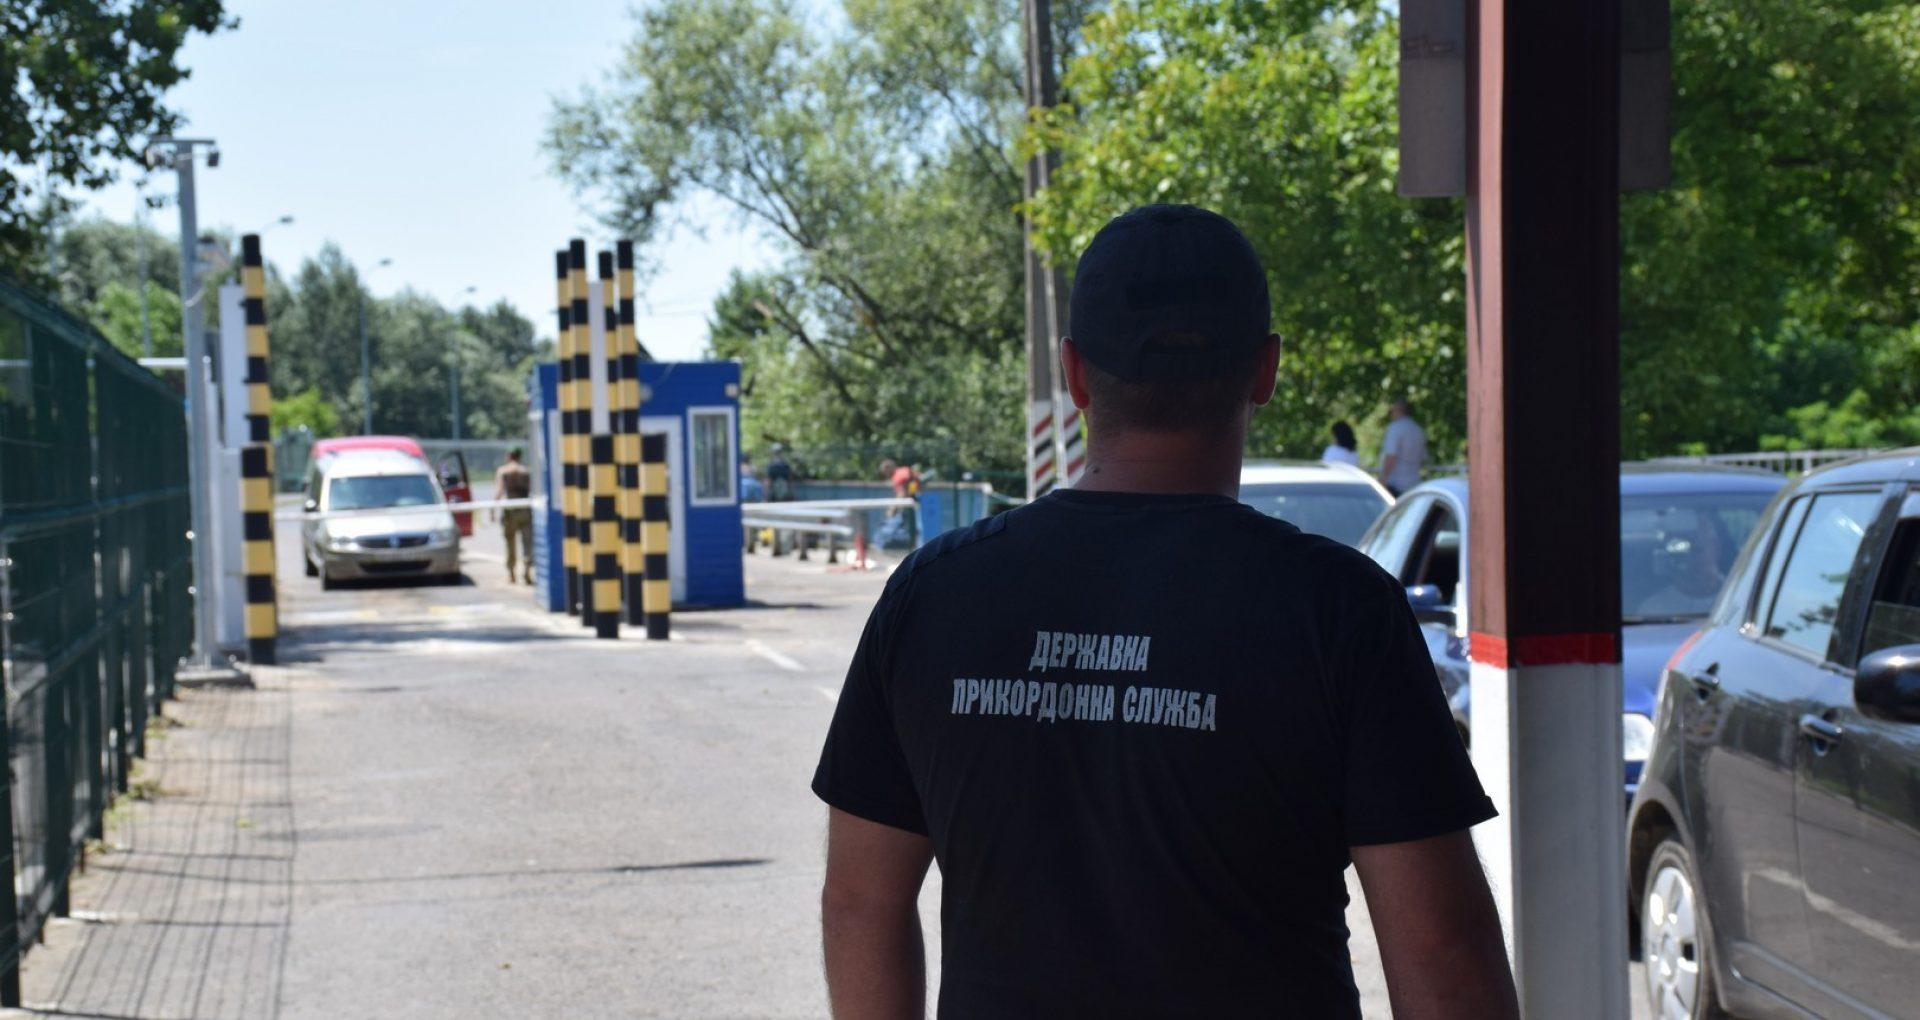 Tiraspolul solicită autorităților de la Chișinău să plătească pentru internetul utilizat la punctele de înmatriculare a vehiculelor cu plăcuțe neutre